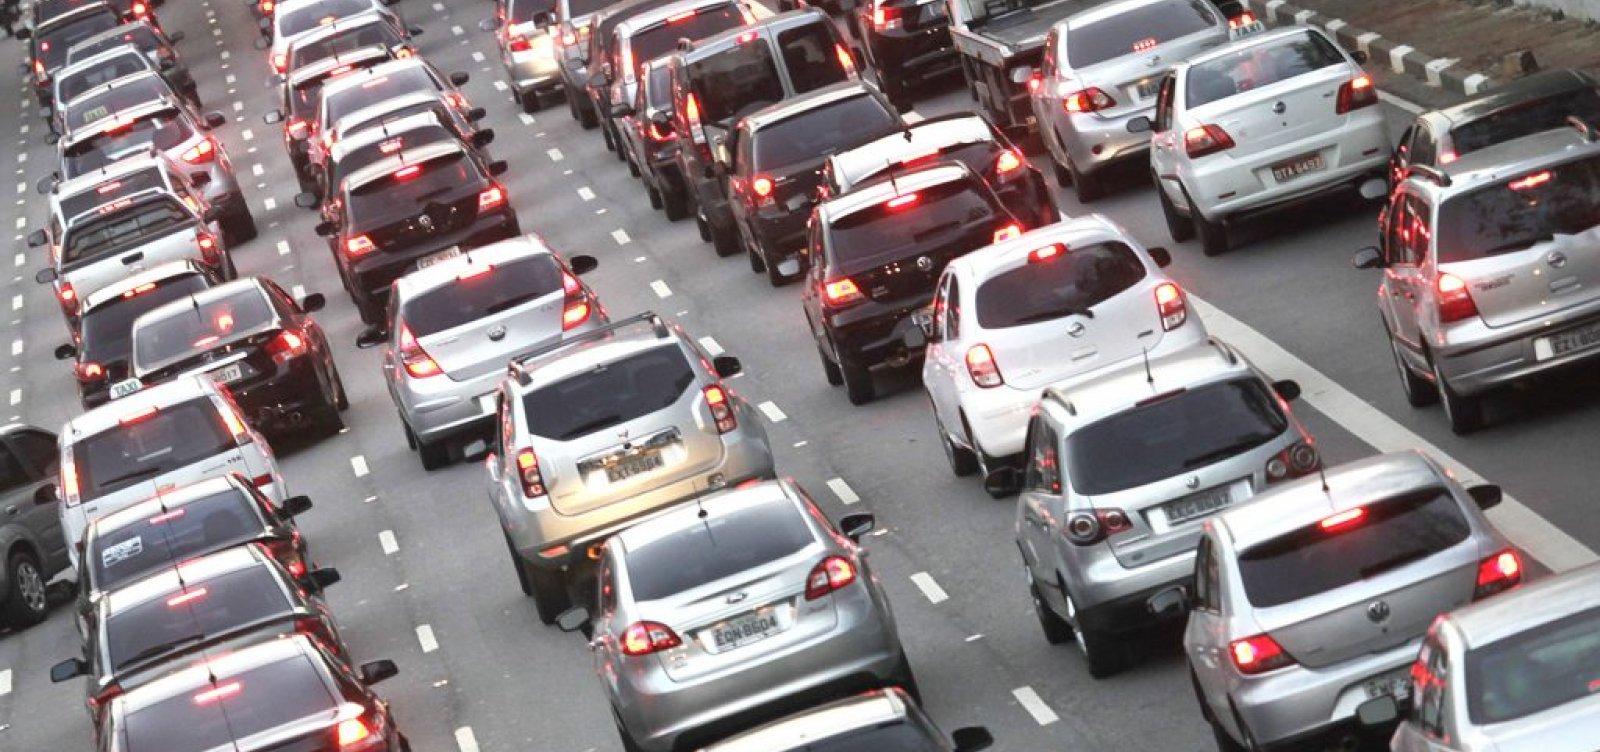 [Nas estradas, 4 em cada 10 pessoas não usam cinto de segurança, diz levantamento ]